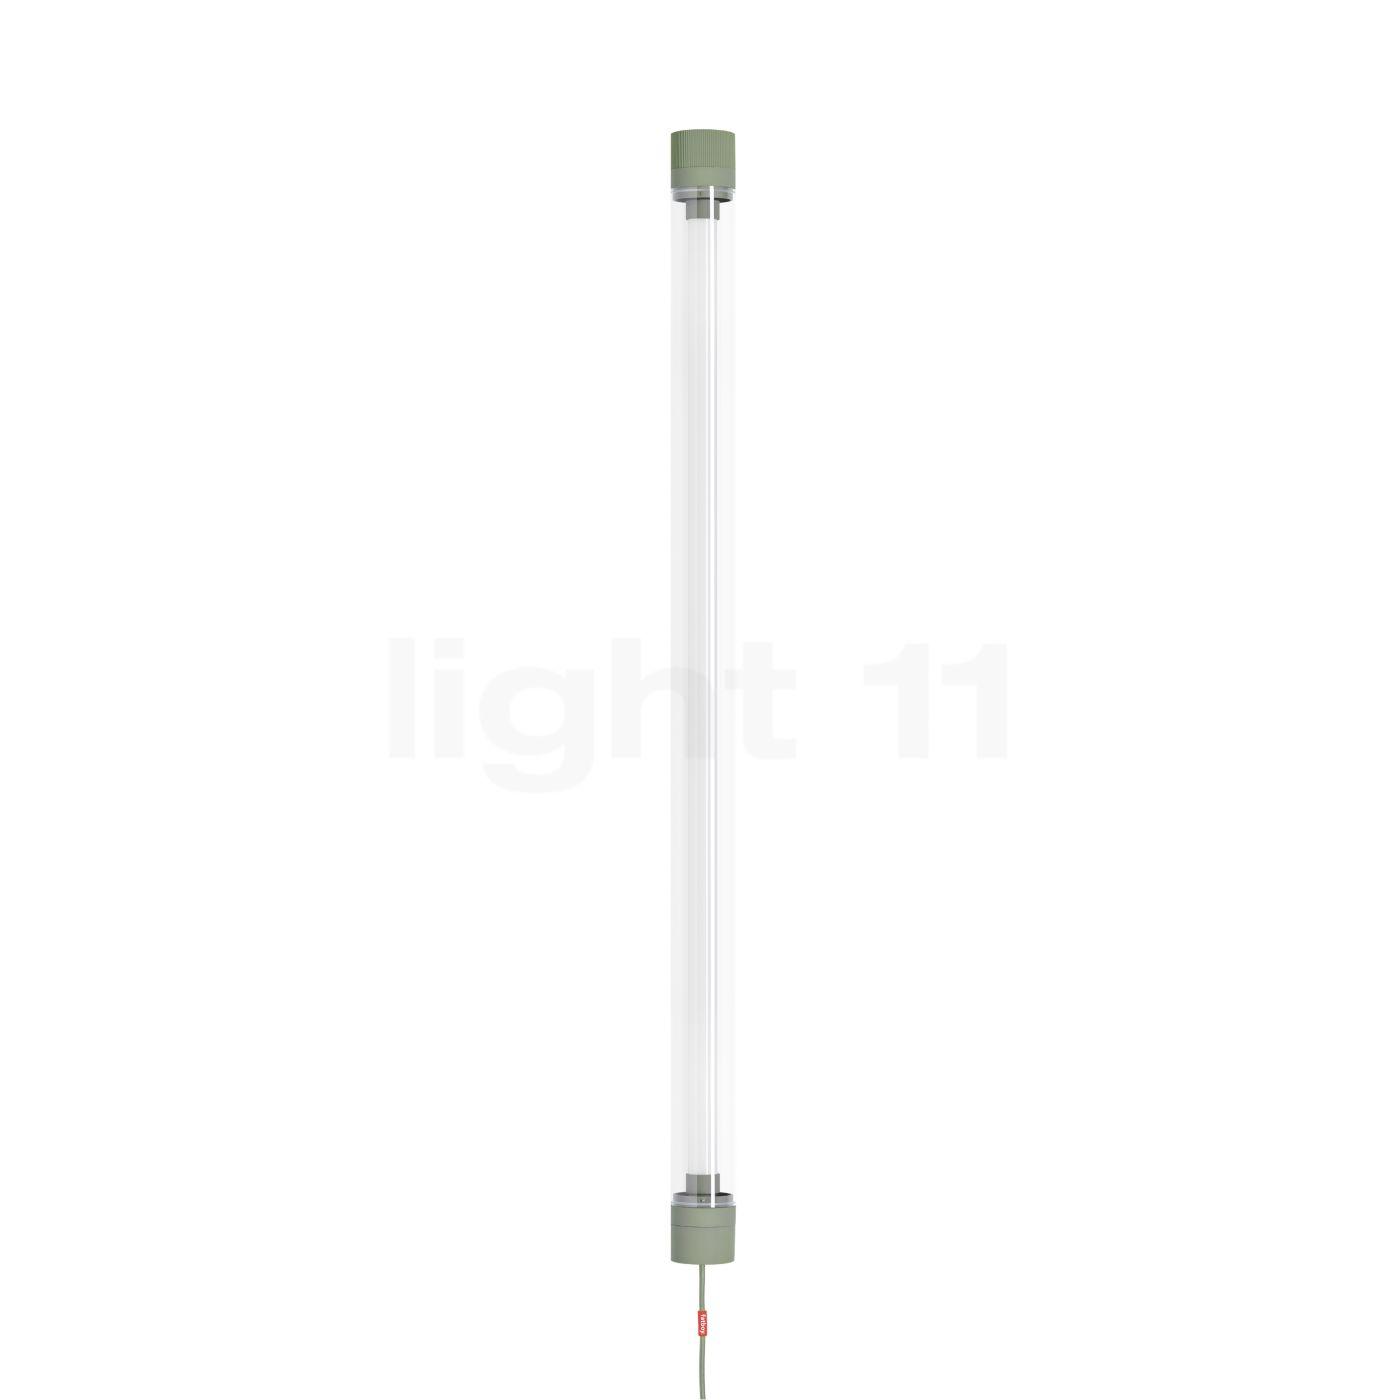 Fatboy Tjoep Wand- und Deckenleuchte LED, Oliv, 150 cm 103728